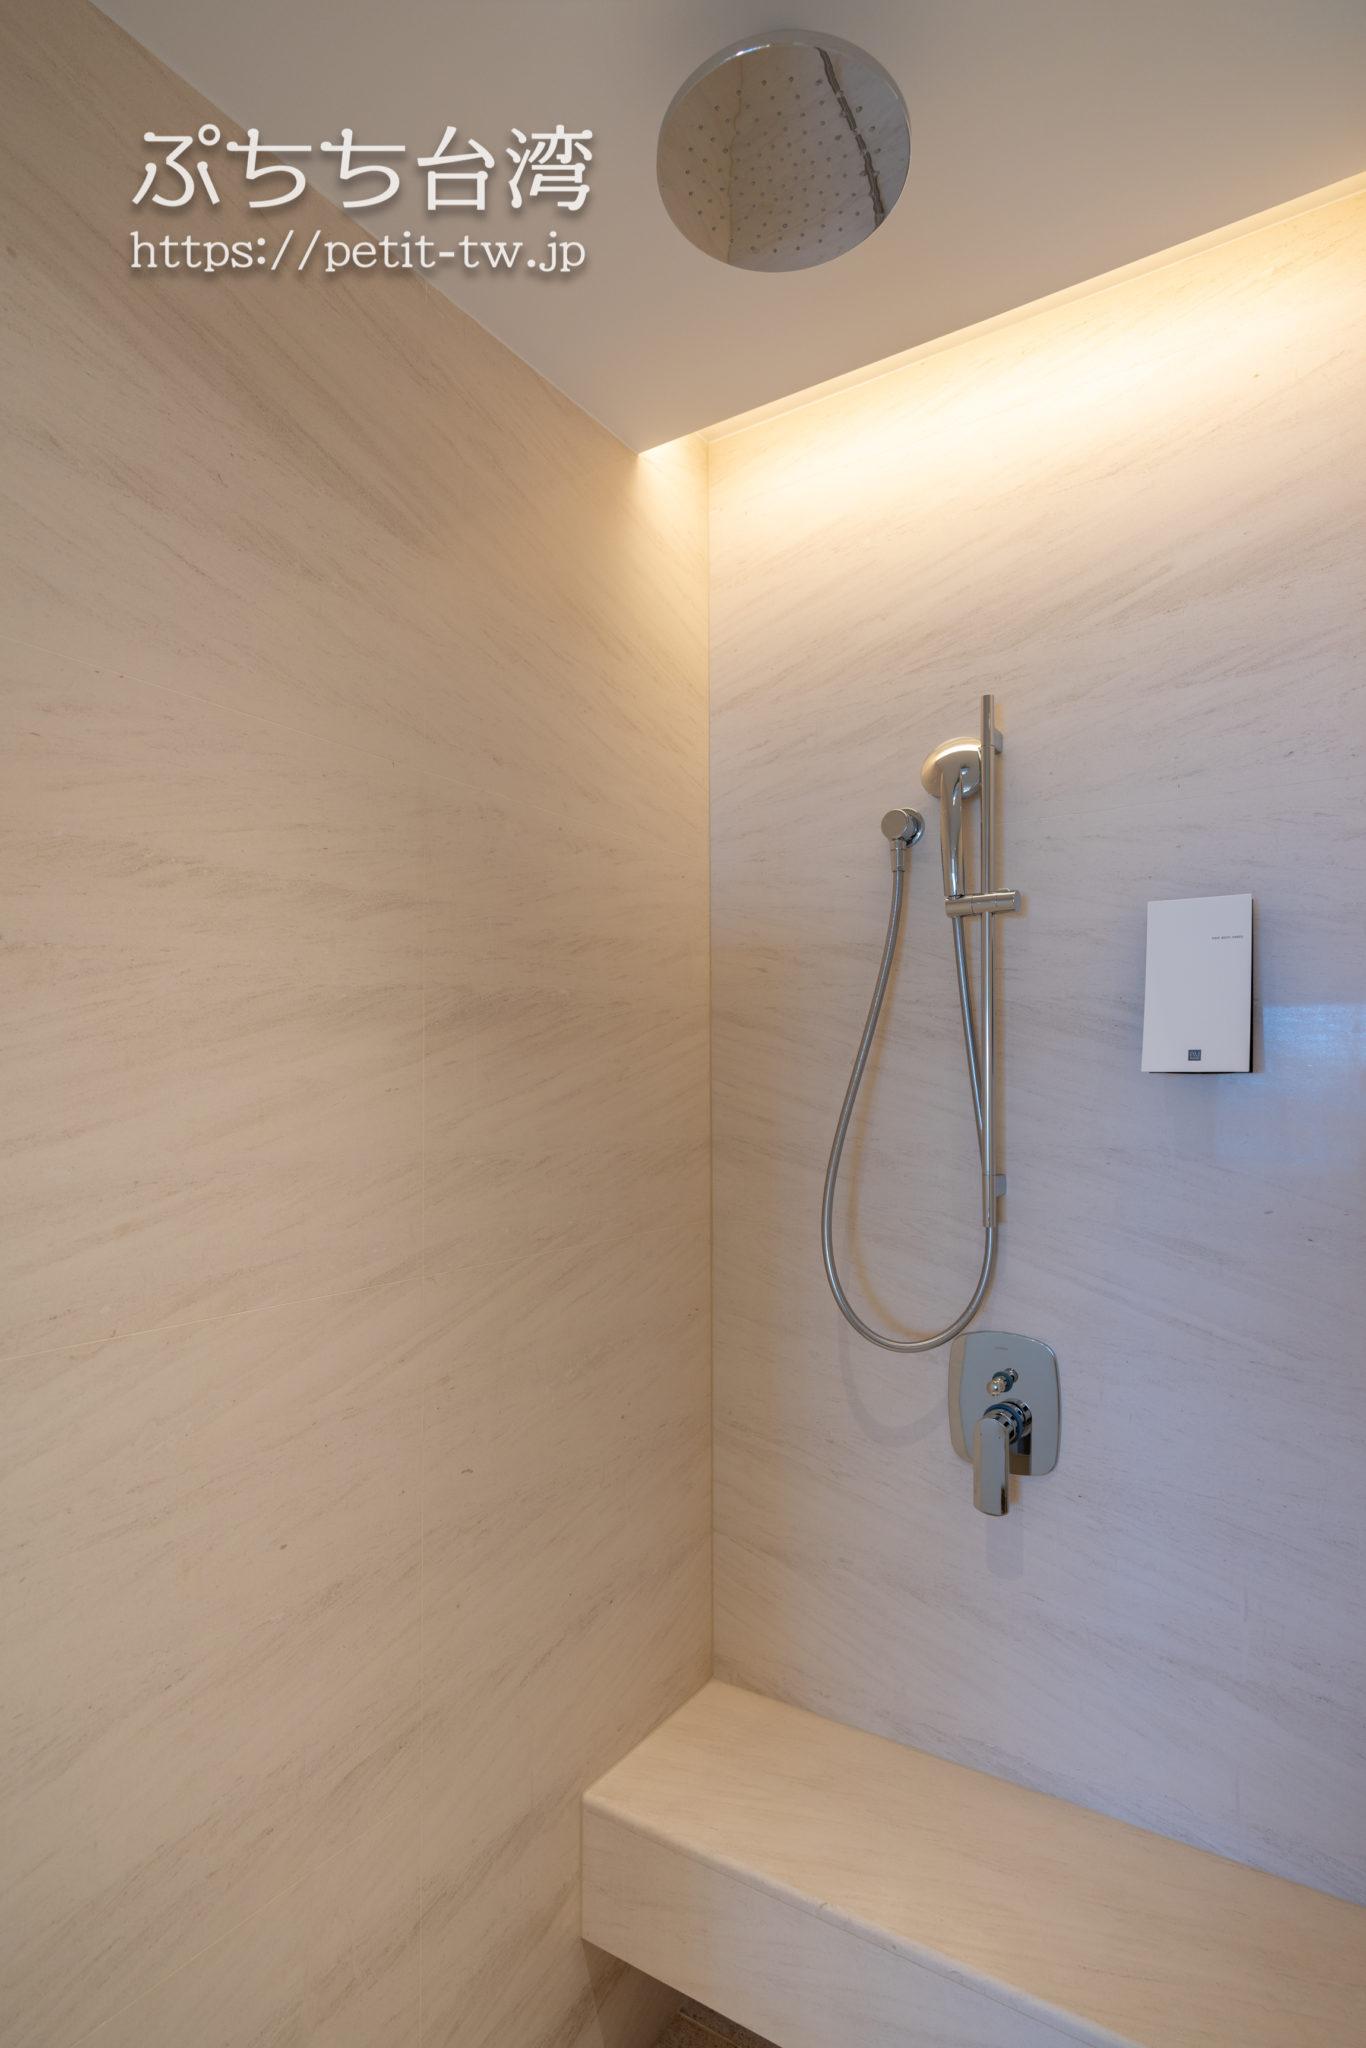 台北マリオットホテル(台北萬豪酒店)のバスルーム